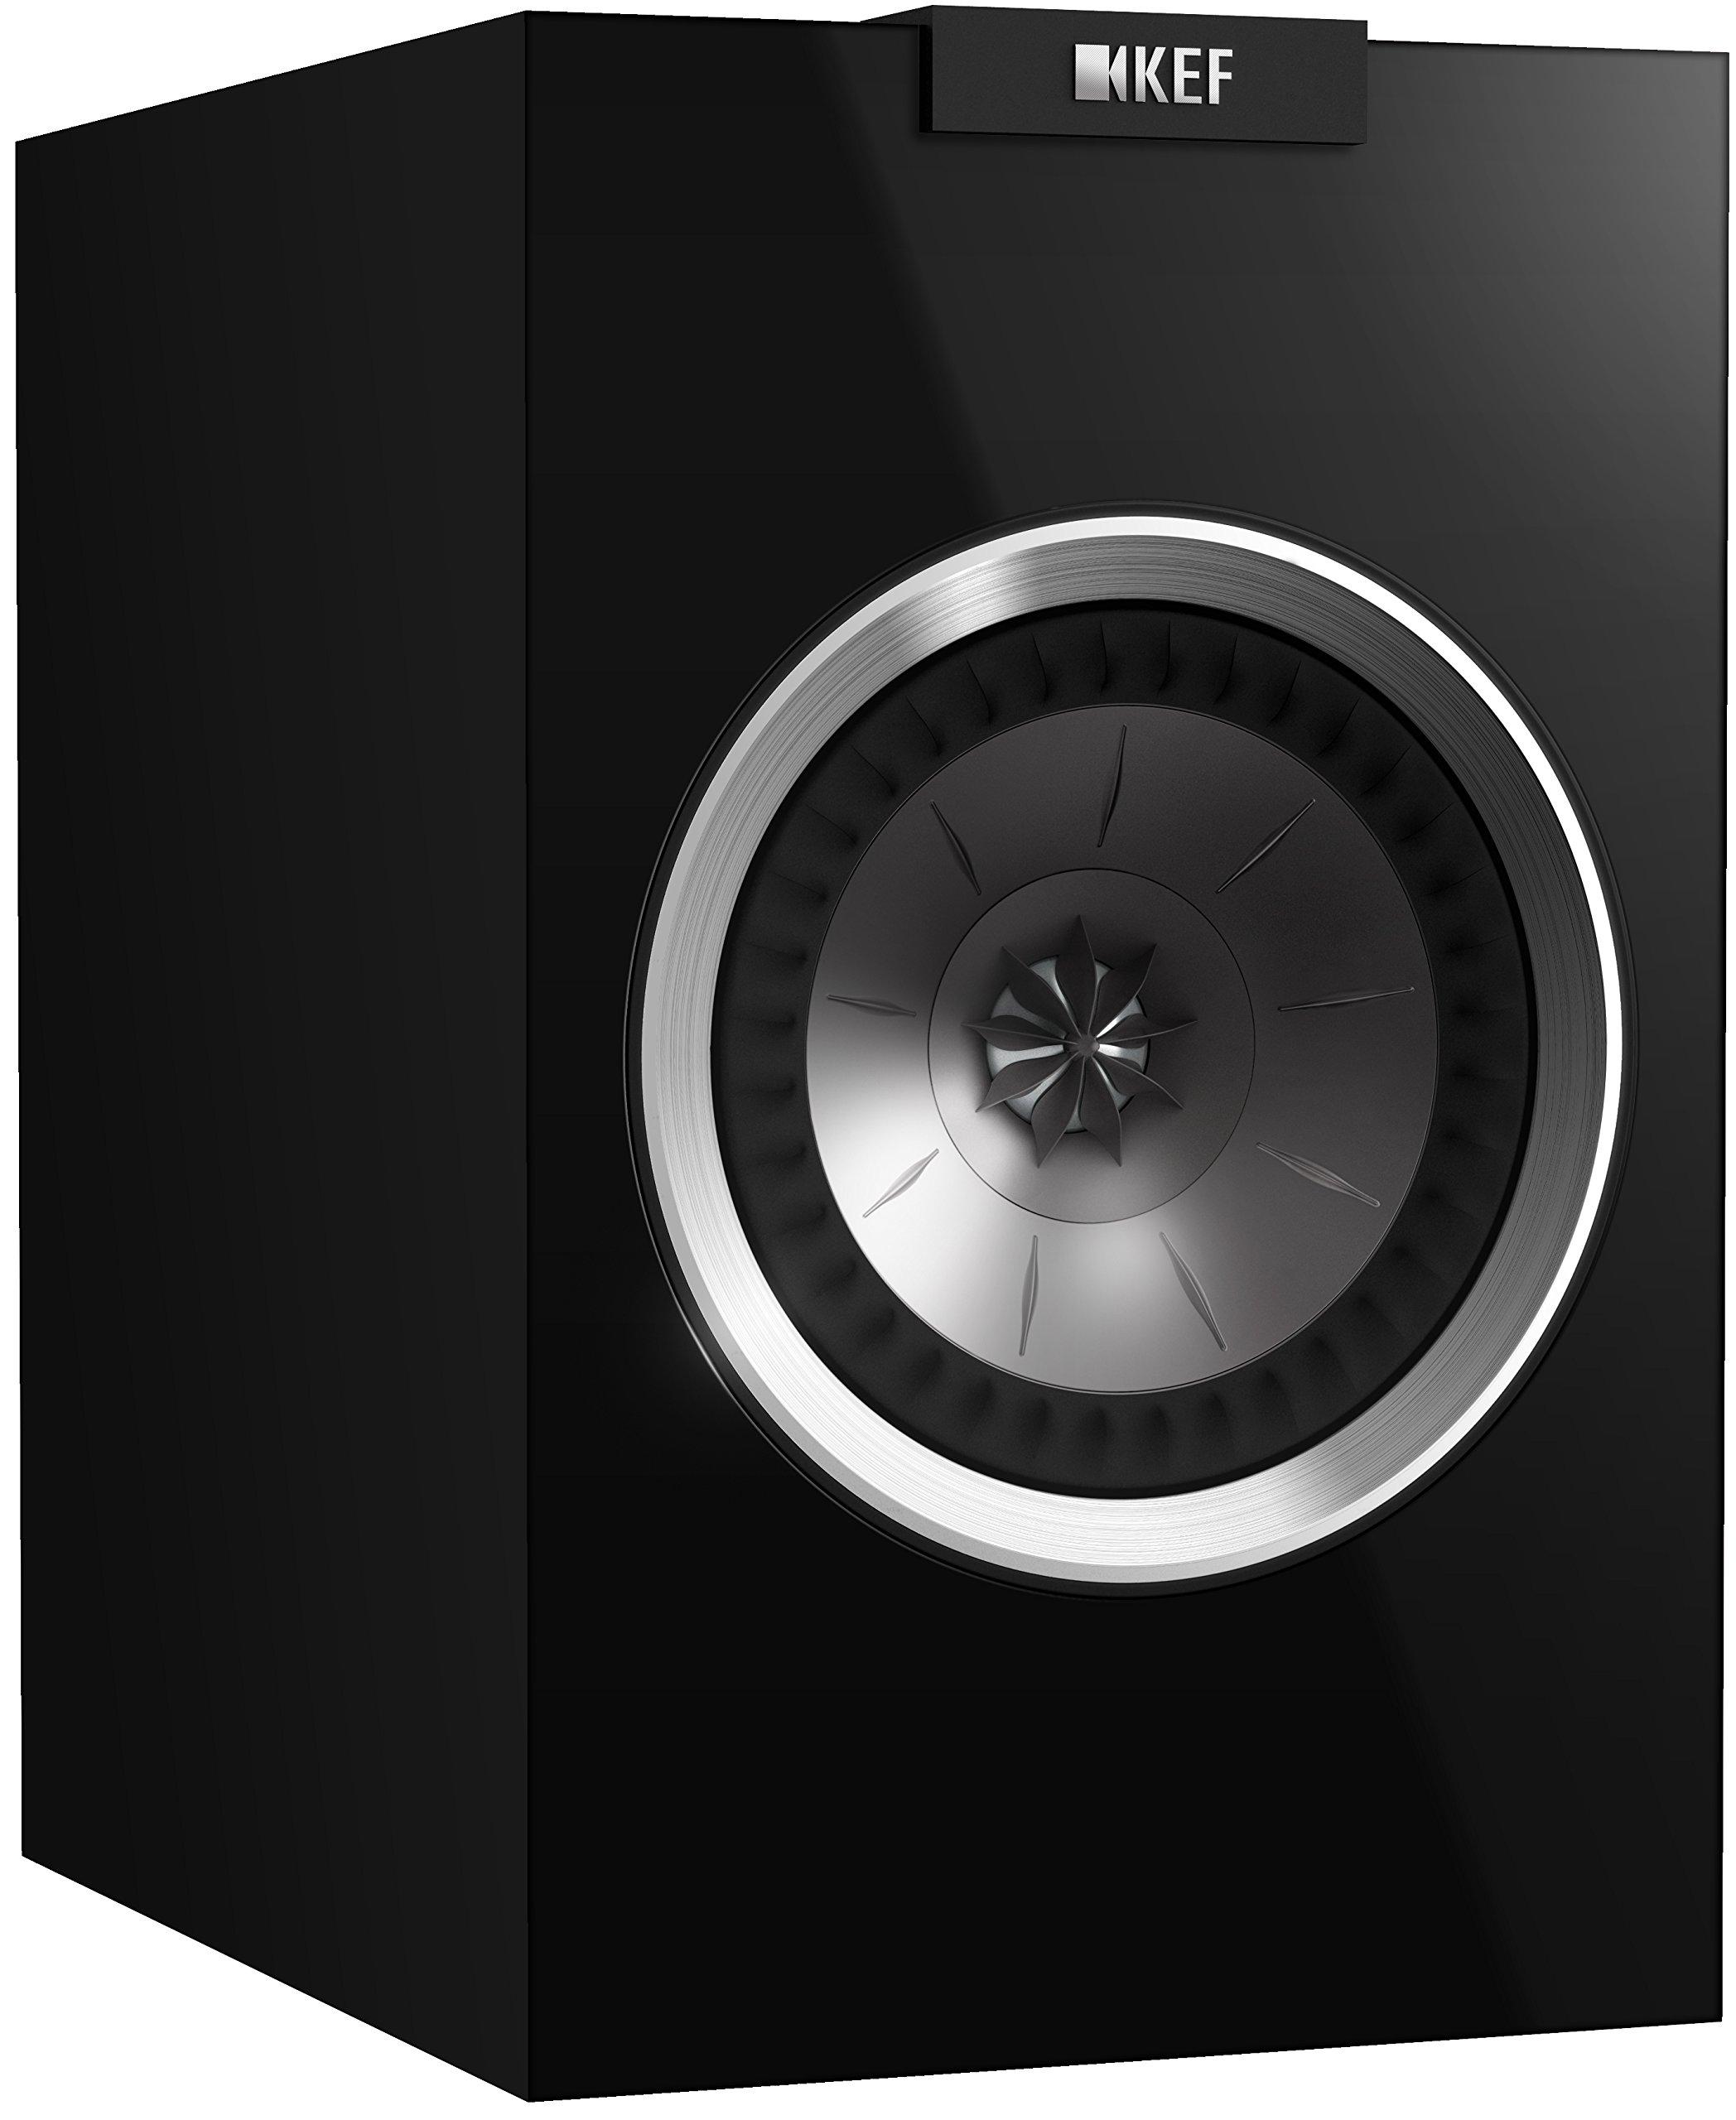 KEF R100 Bookshelf Loudspeaker - High Gloss Piano Black (Pair)